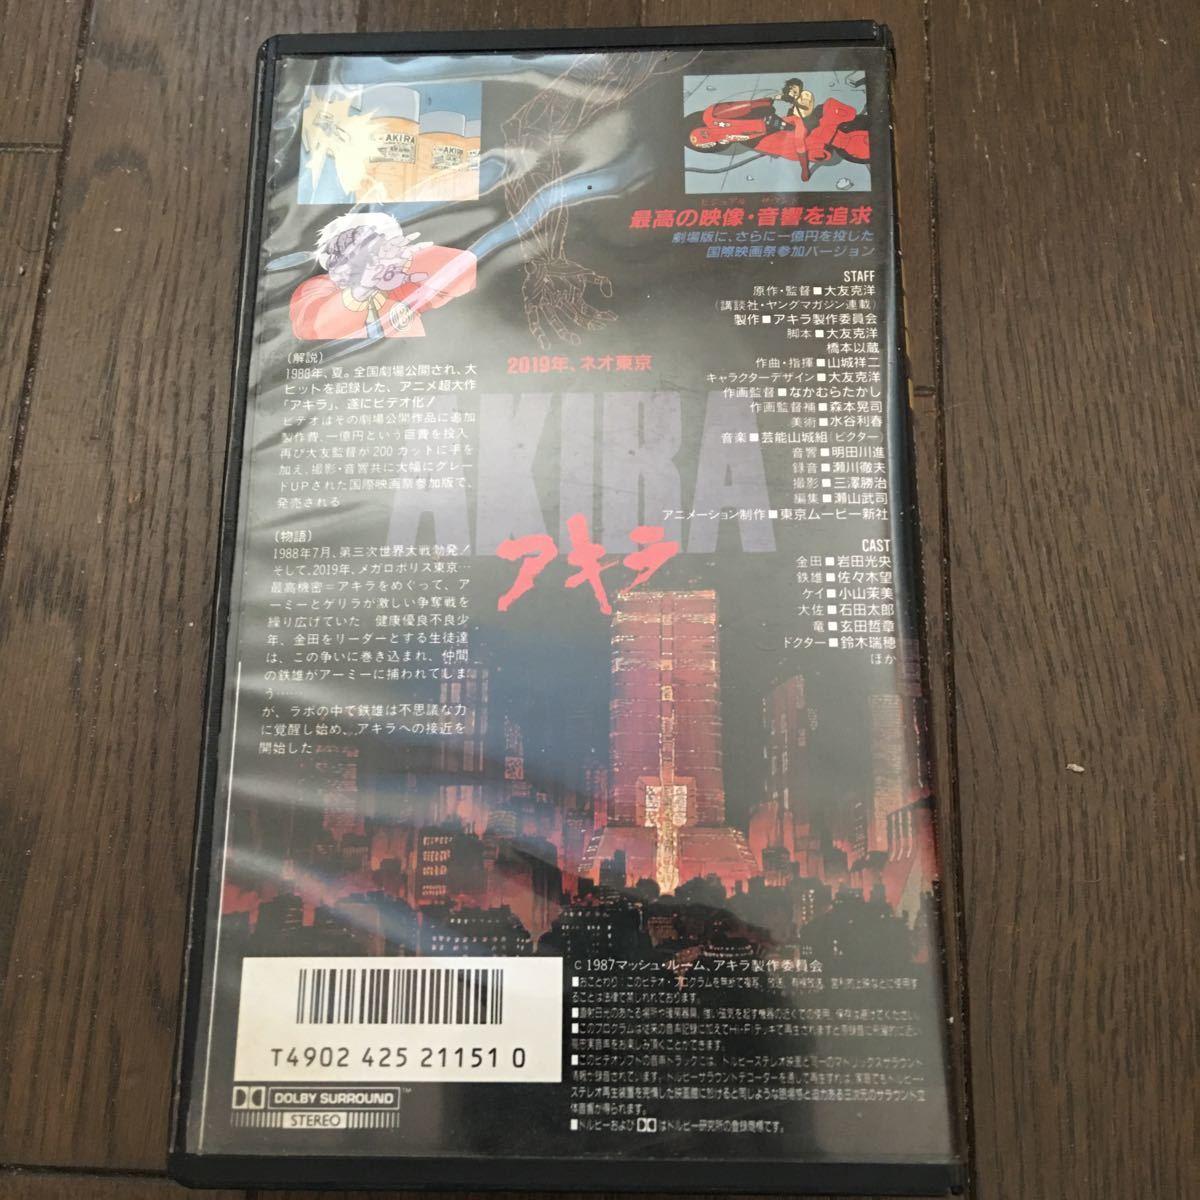 劇場版 akira  アキラ VHSテープ 【ジャンク扱い】